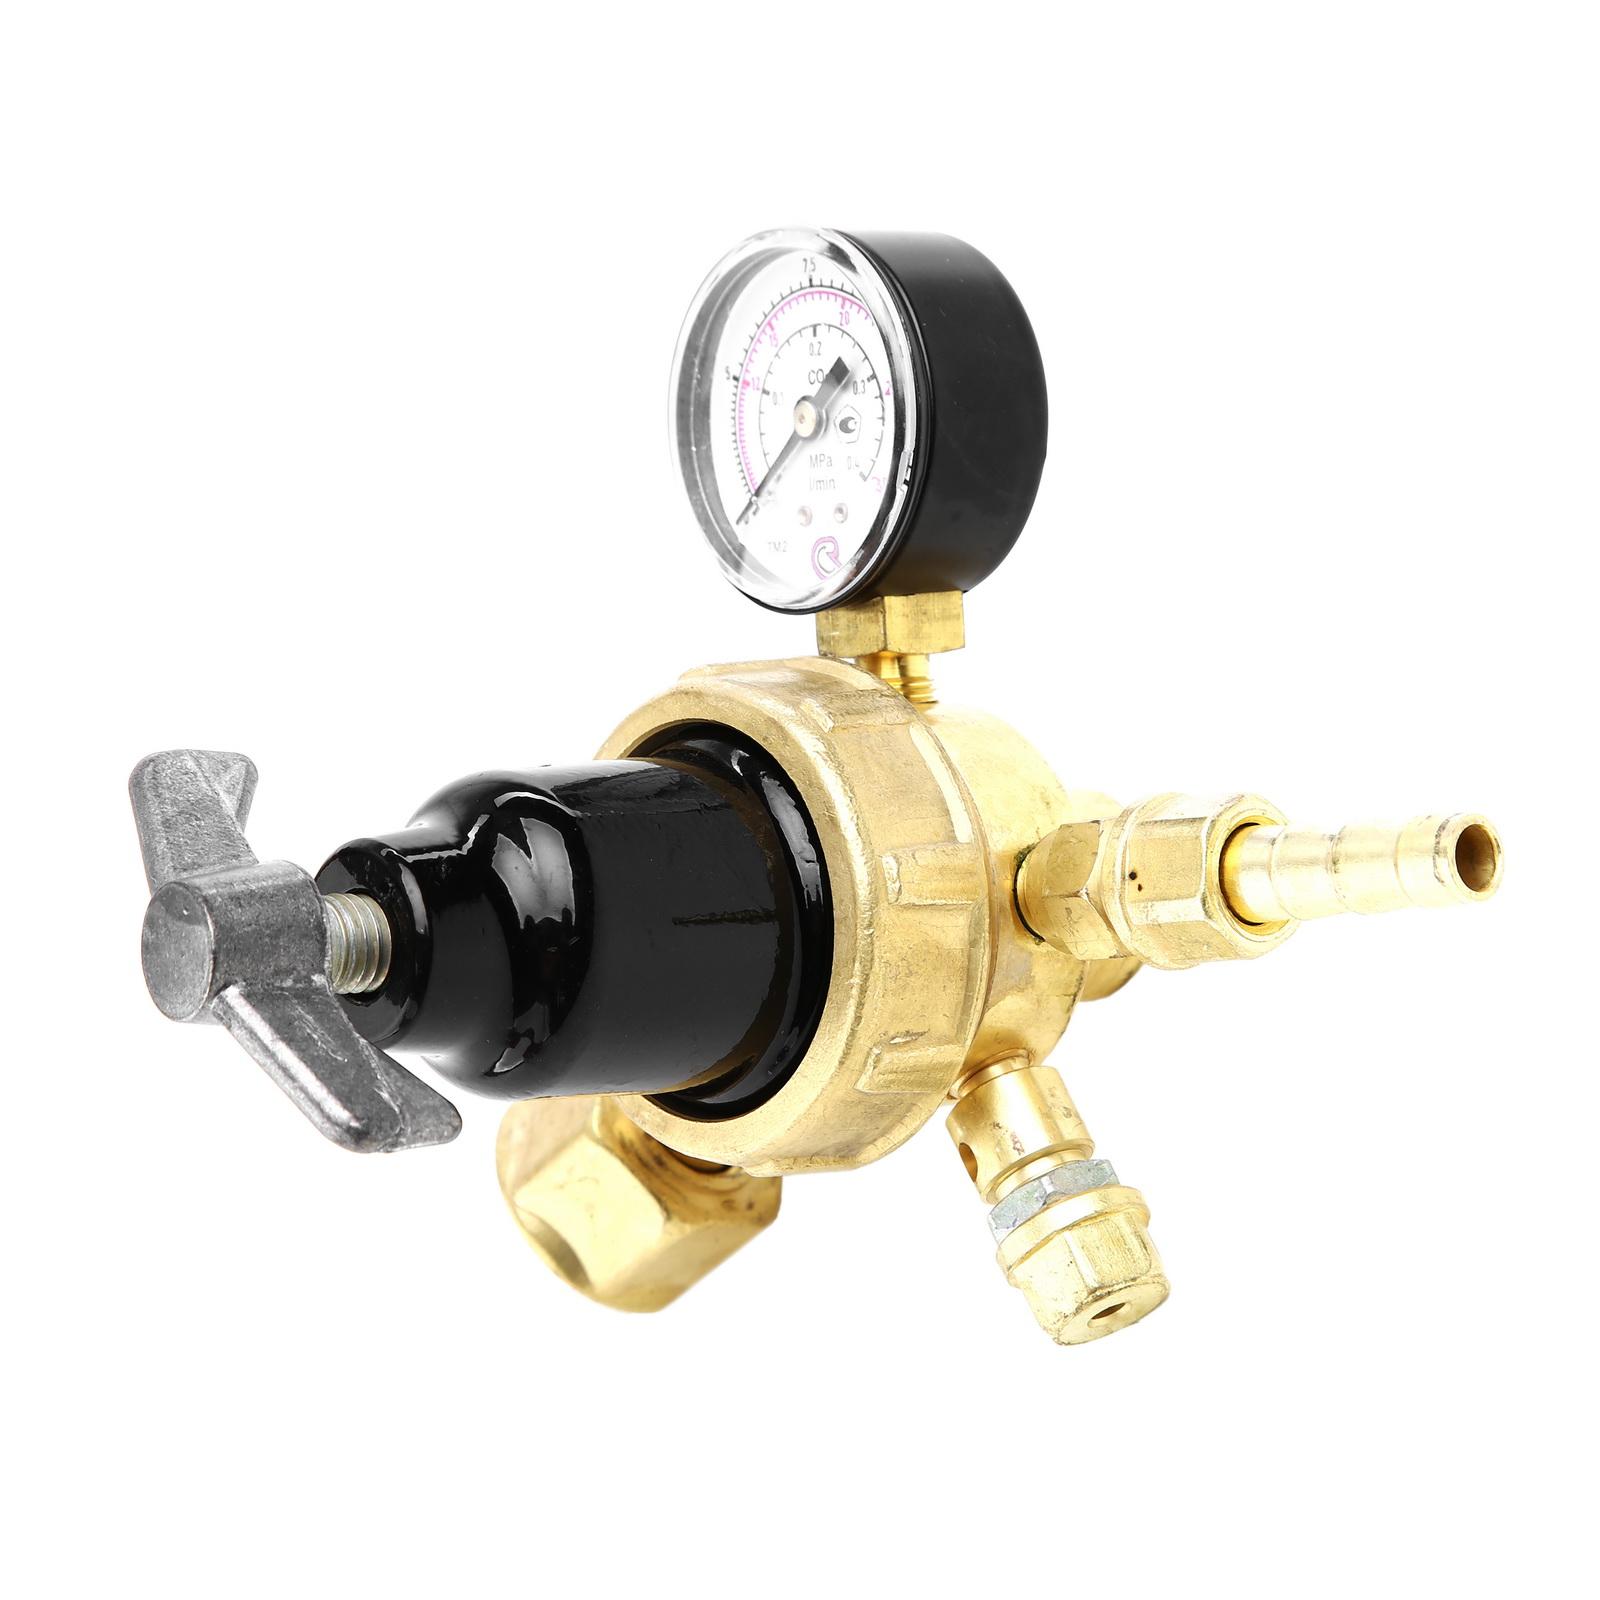 Регулятор БАМЗ У-30П-2 регулятор давления топлива спорт ауди 100 2 3 е